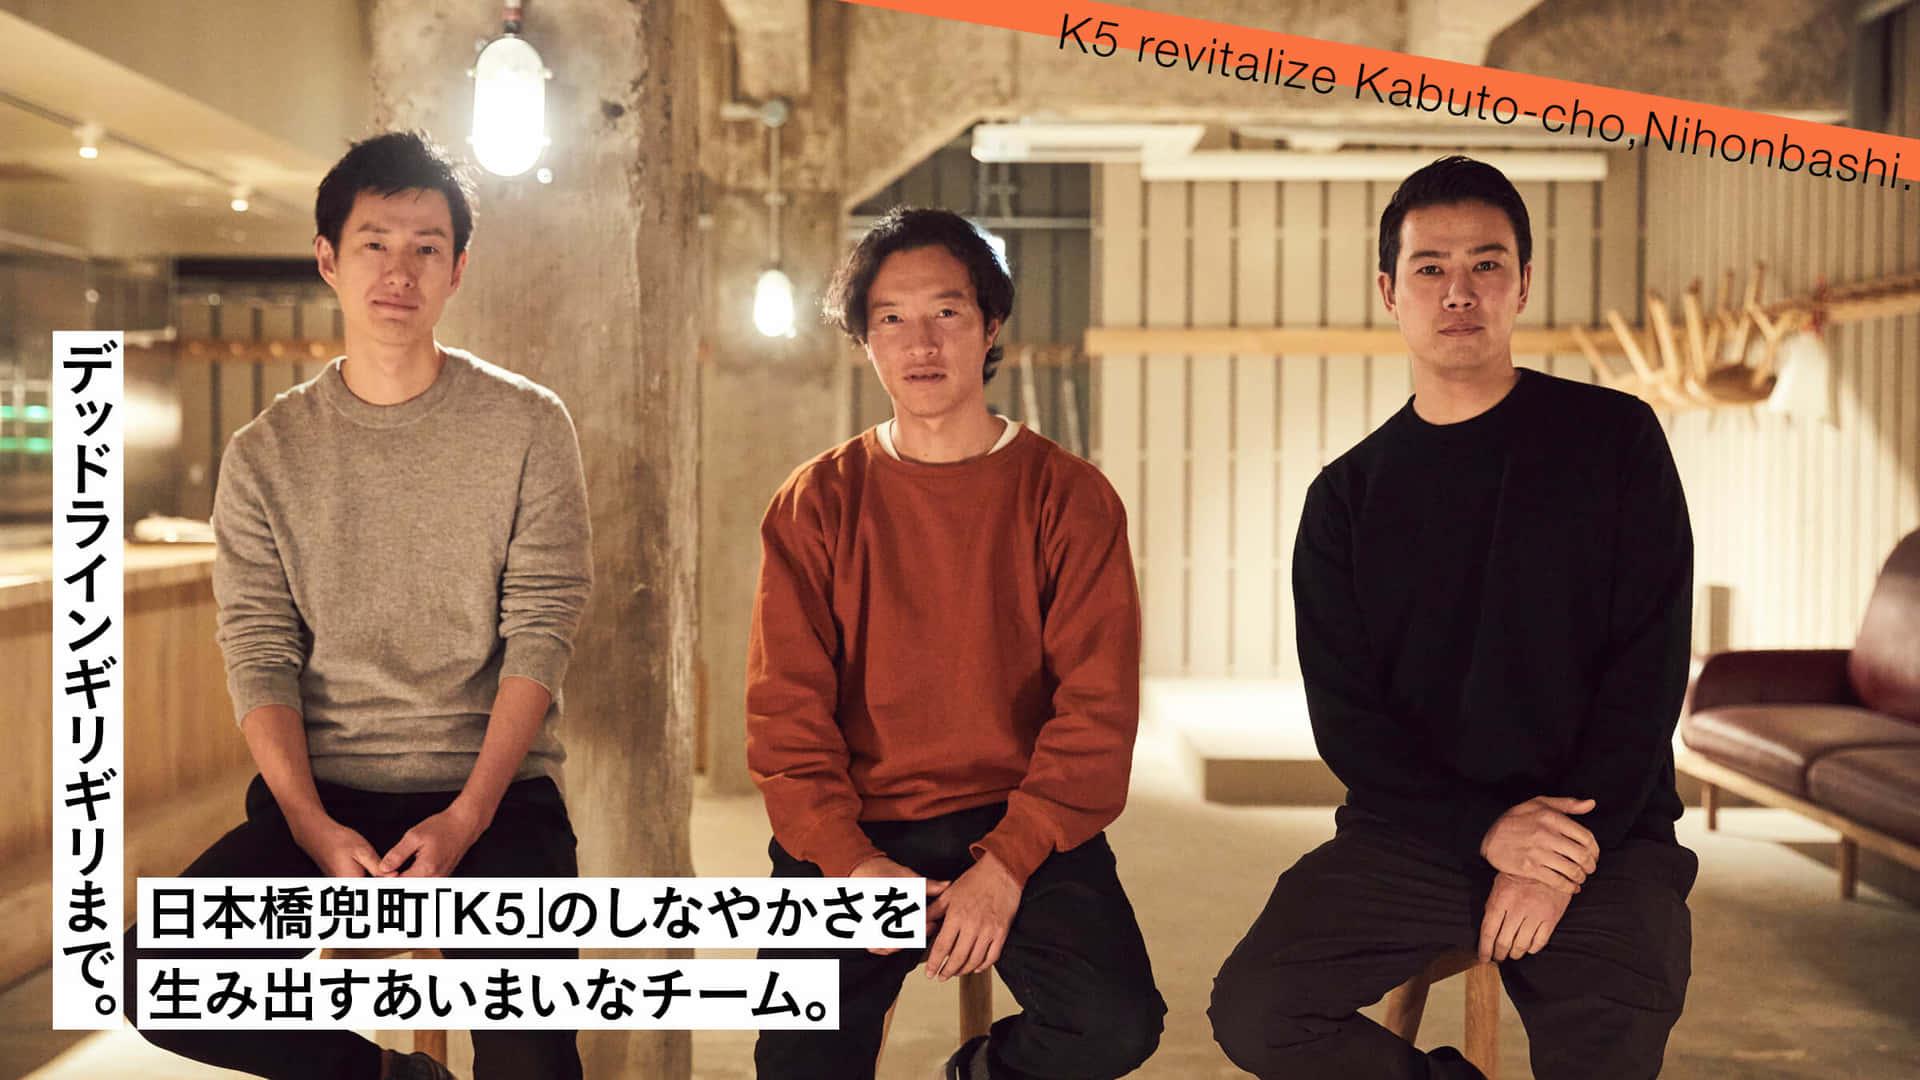 デッドラインギリギリまで。日本橋兜町「K5」のしなやかさを生み出すあいまいなチーム。